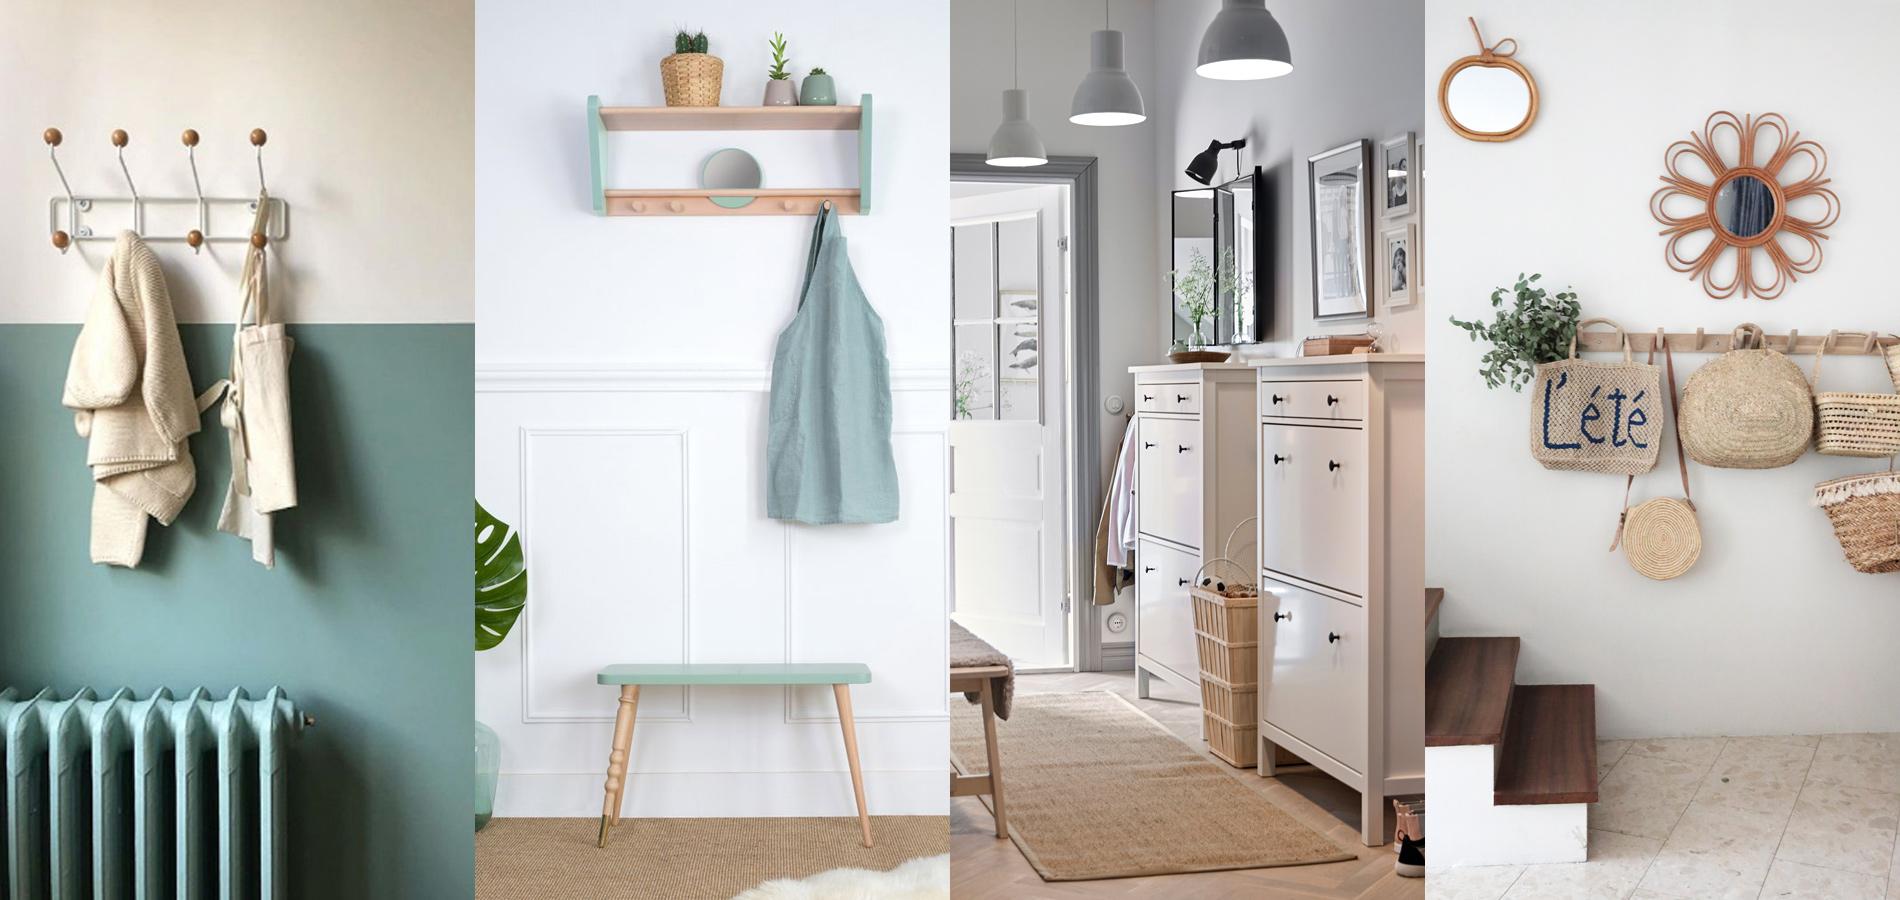 Idée Peinture Couloir Et Entrée neuf idées déco pour aménager et réveiller un couloir